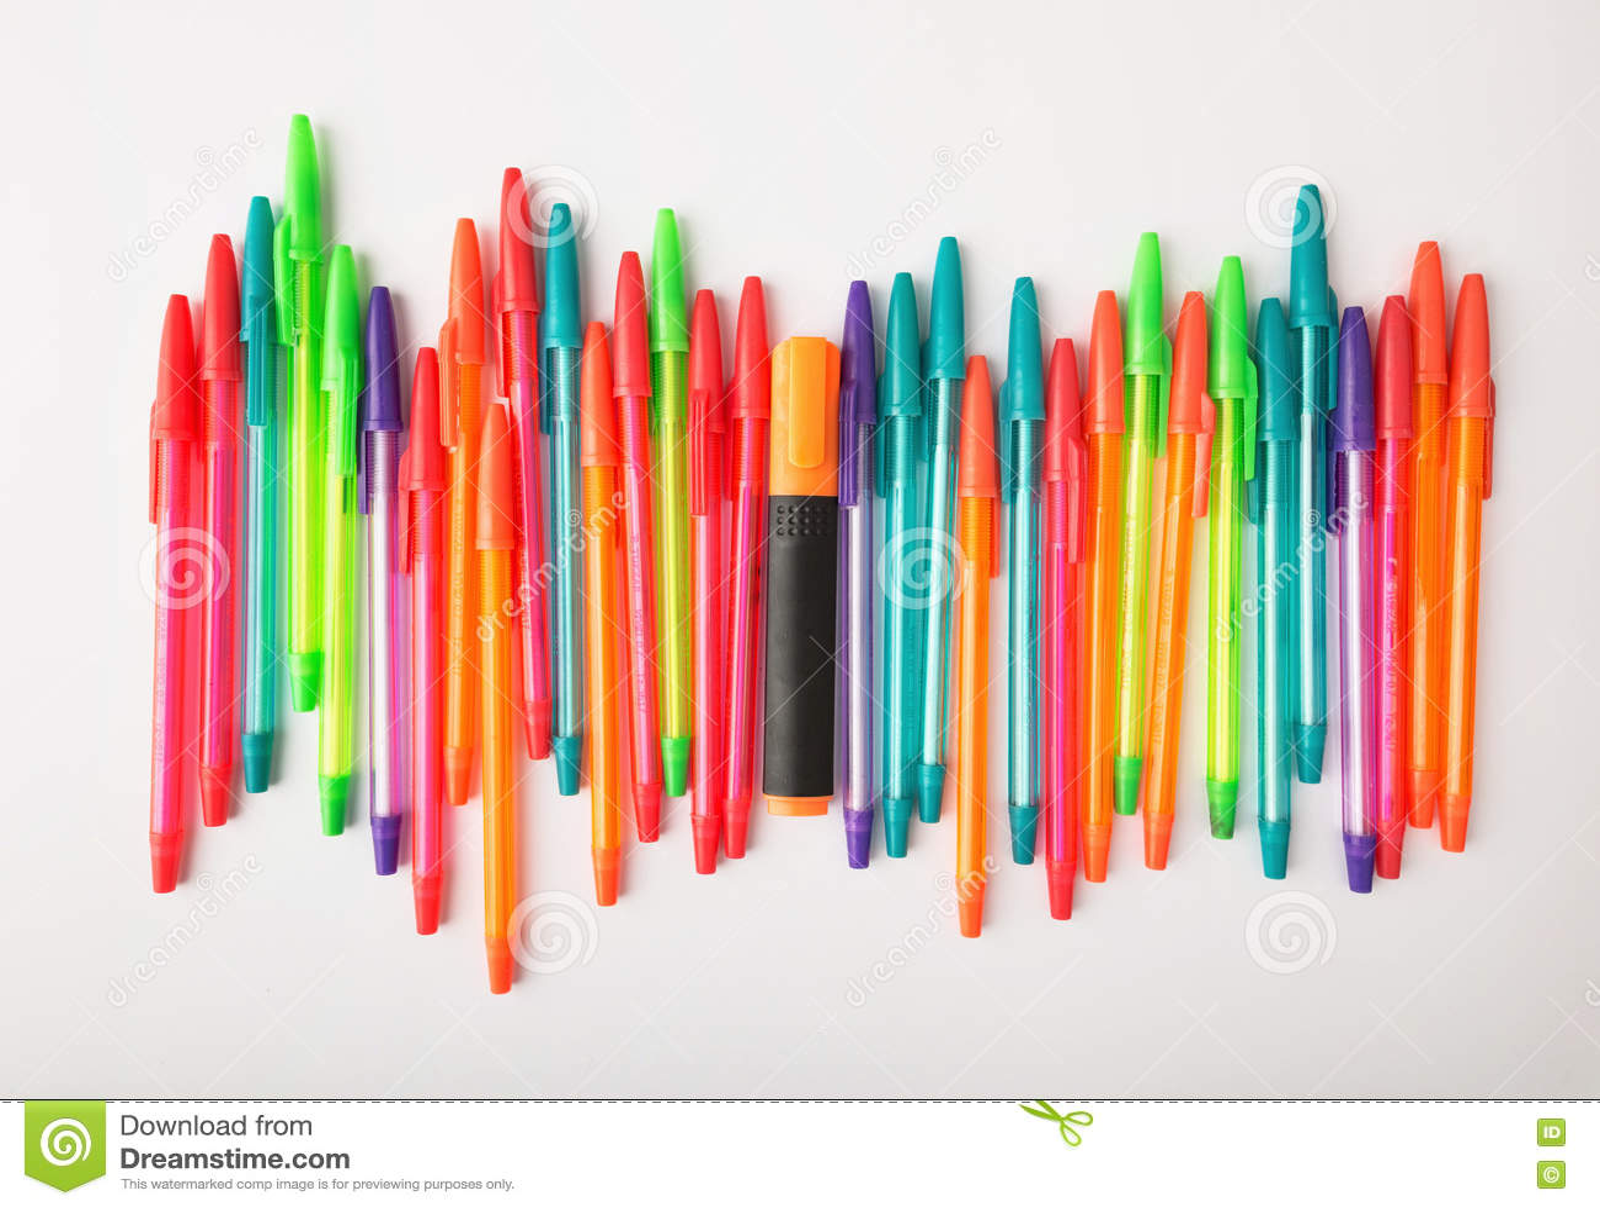 Kulspetspennor av olika färger på en vit bakgrund